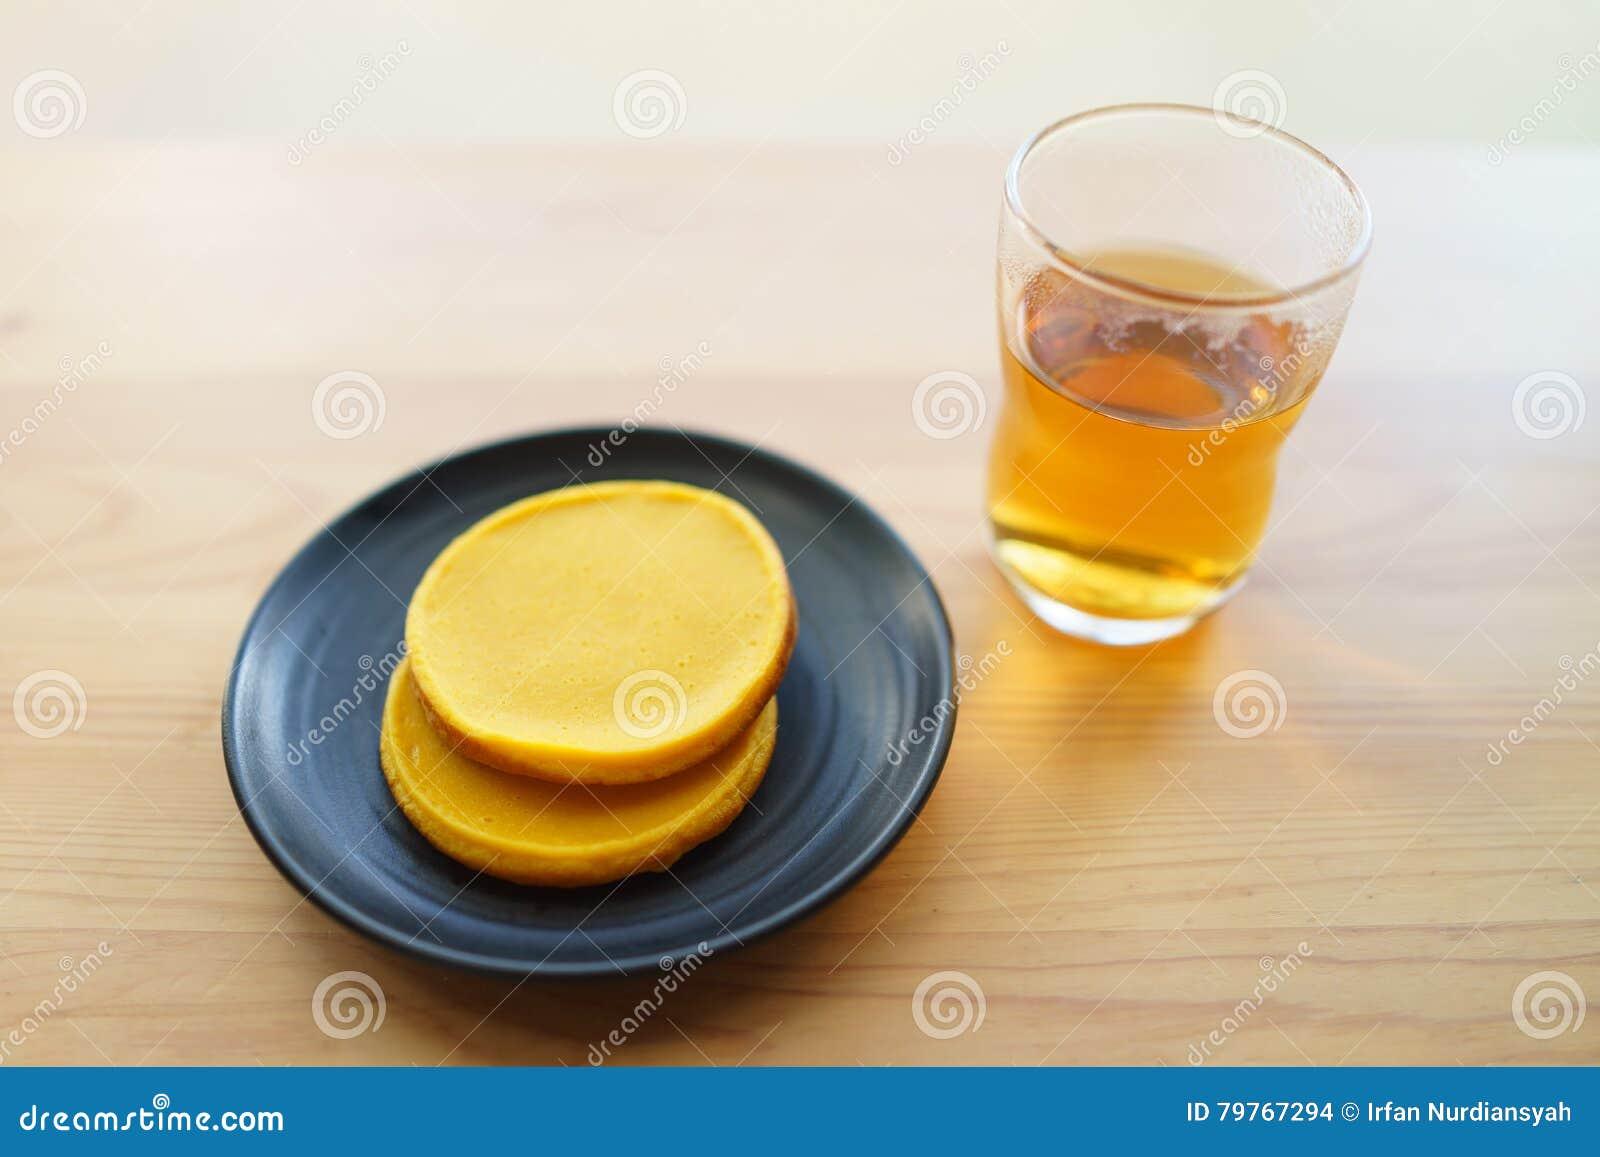 Tee Und Kurbis Kuchen Stockfoto Bild Von Kostlich Einfach 79767294